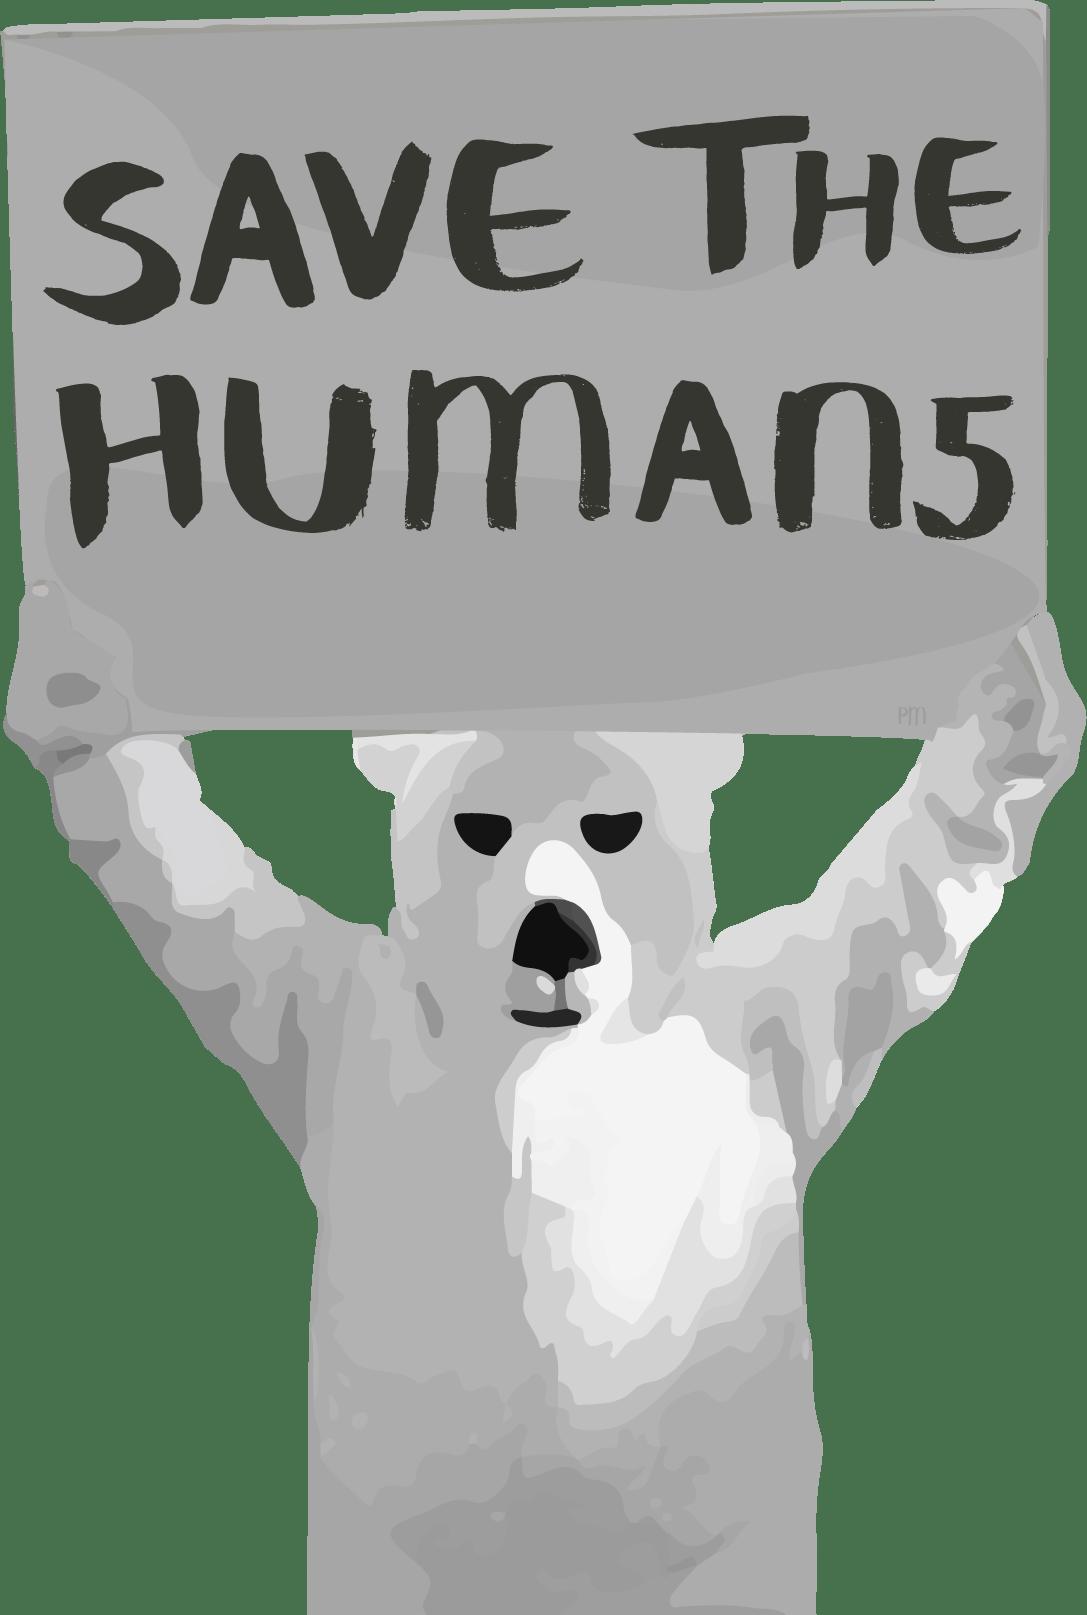 SaveTheHuman5